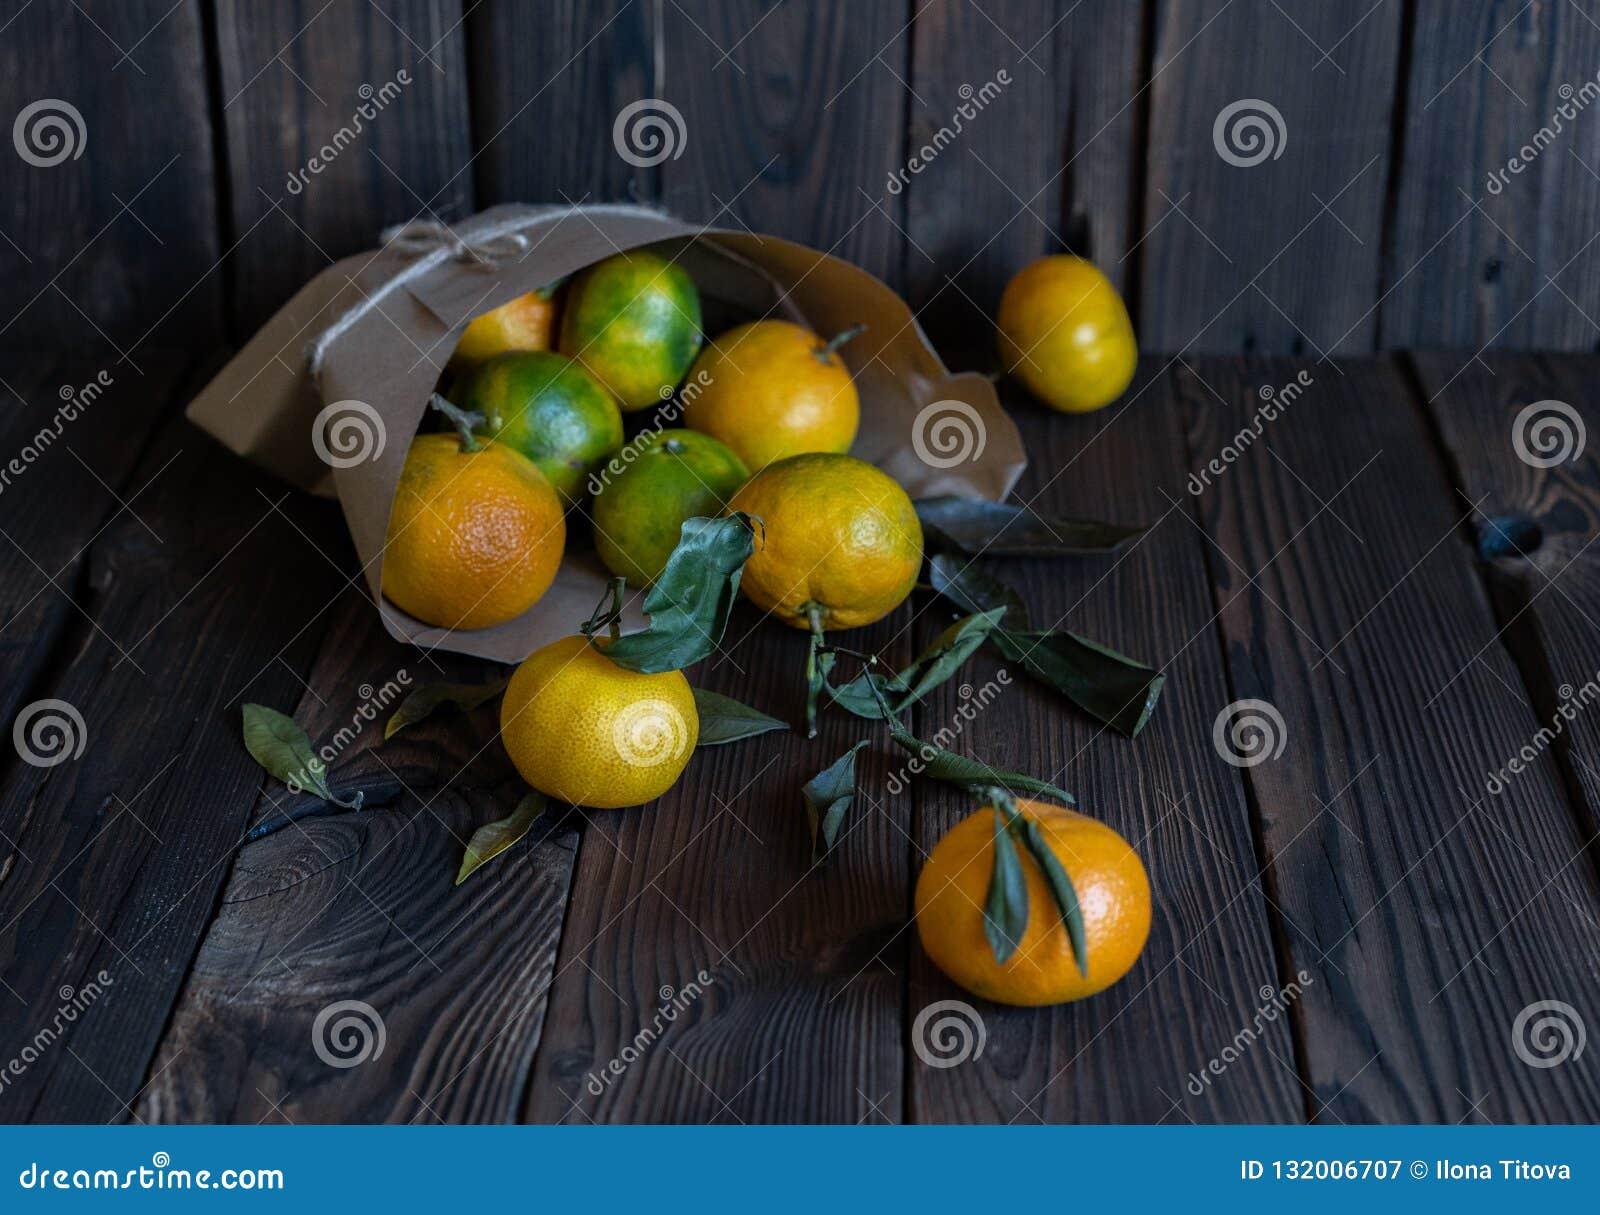 蜜桔桔子,普通话,柑桔,柑橘水果